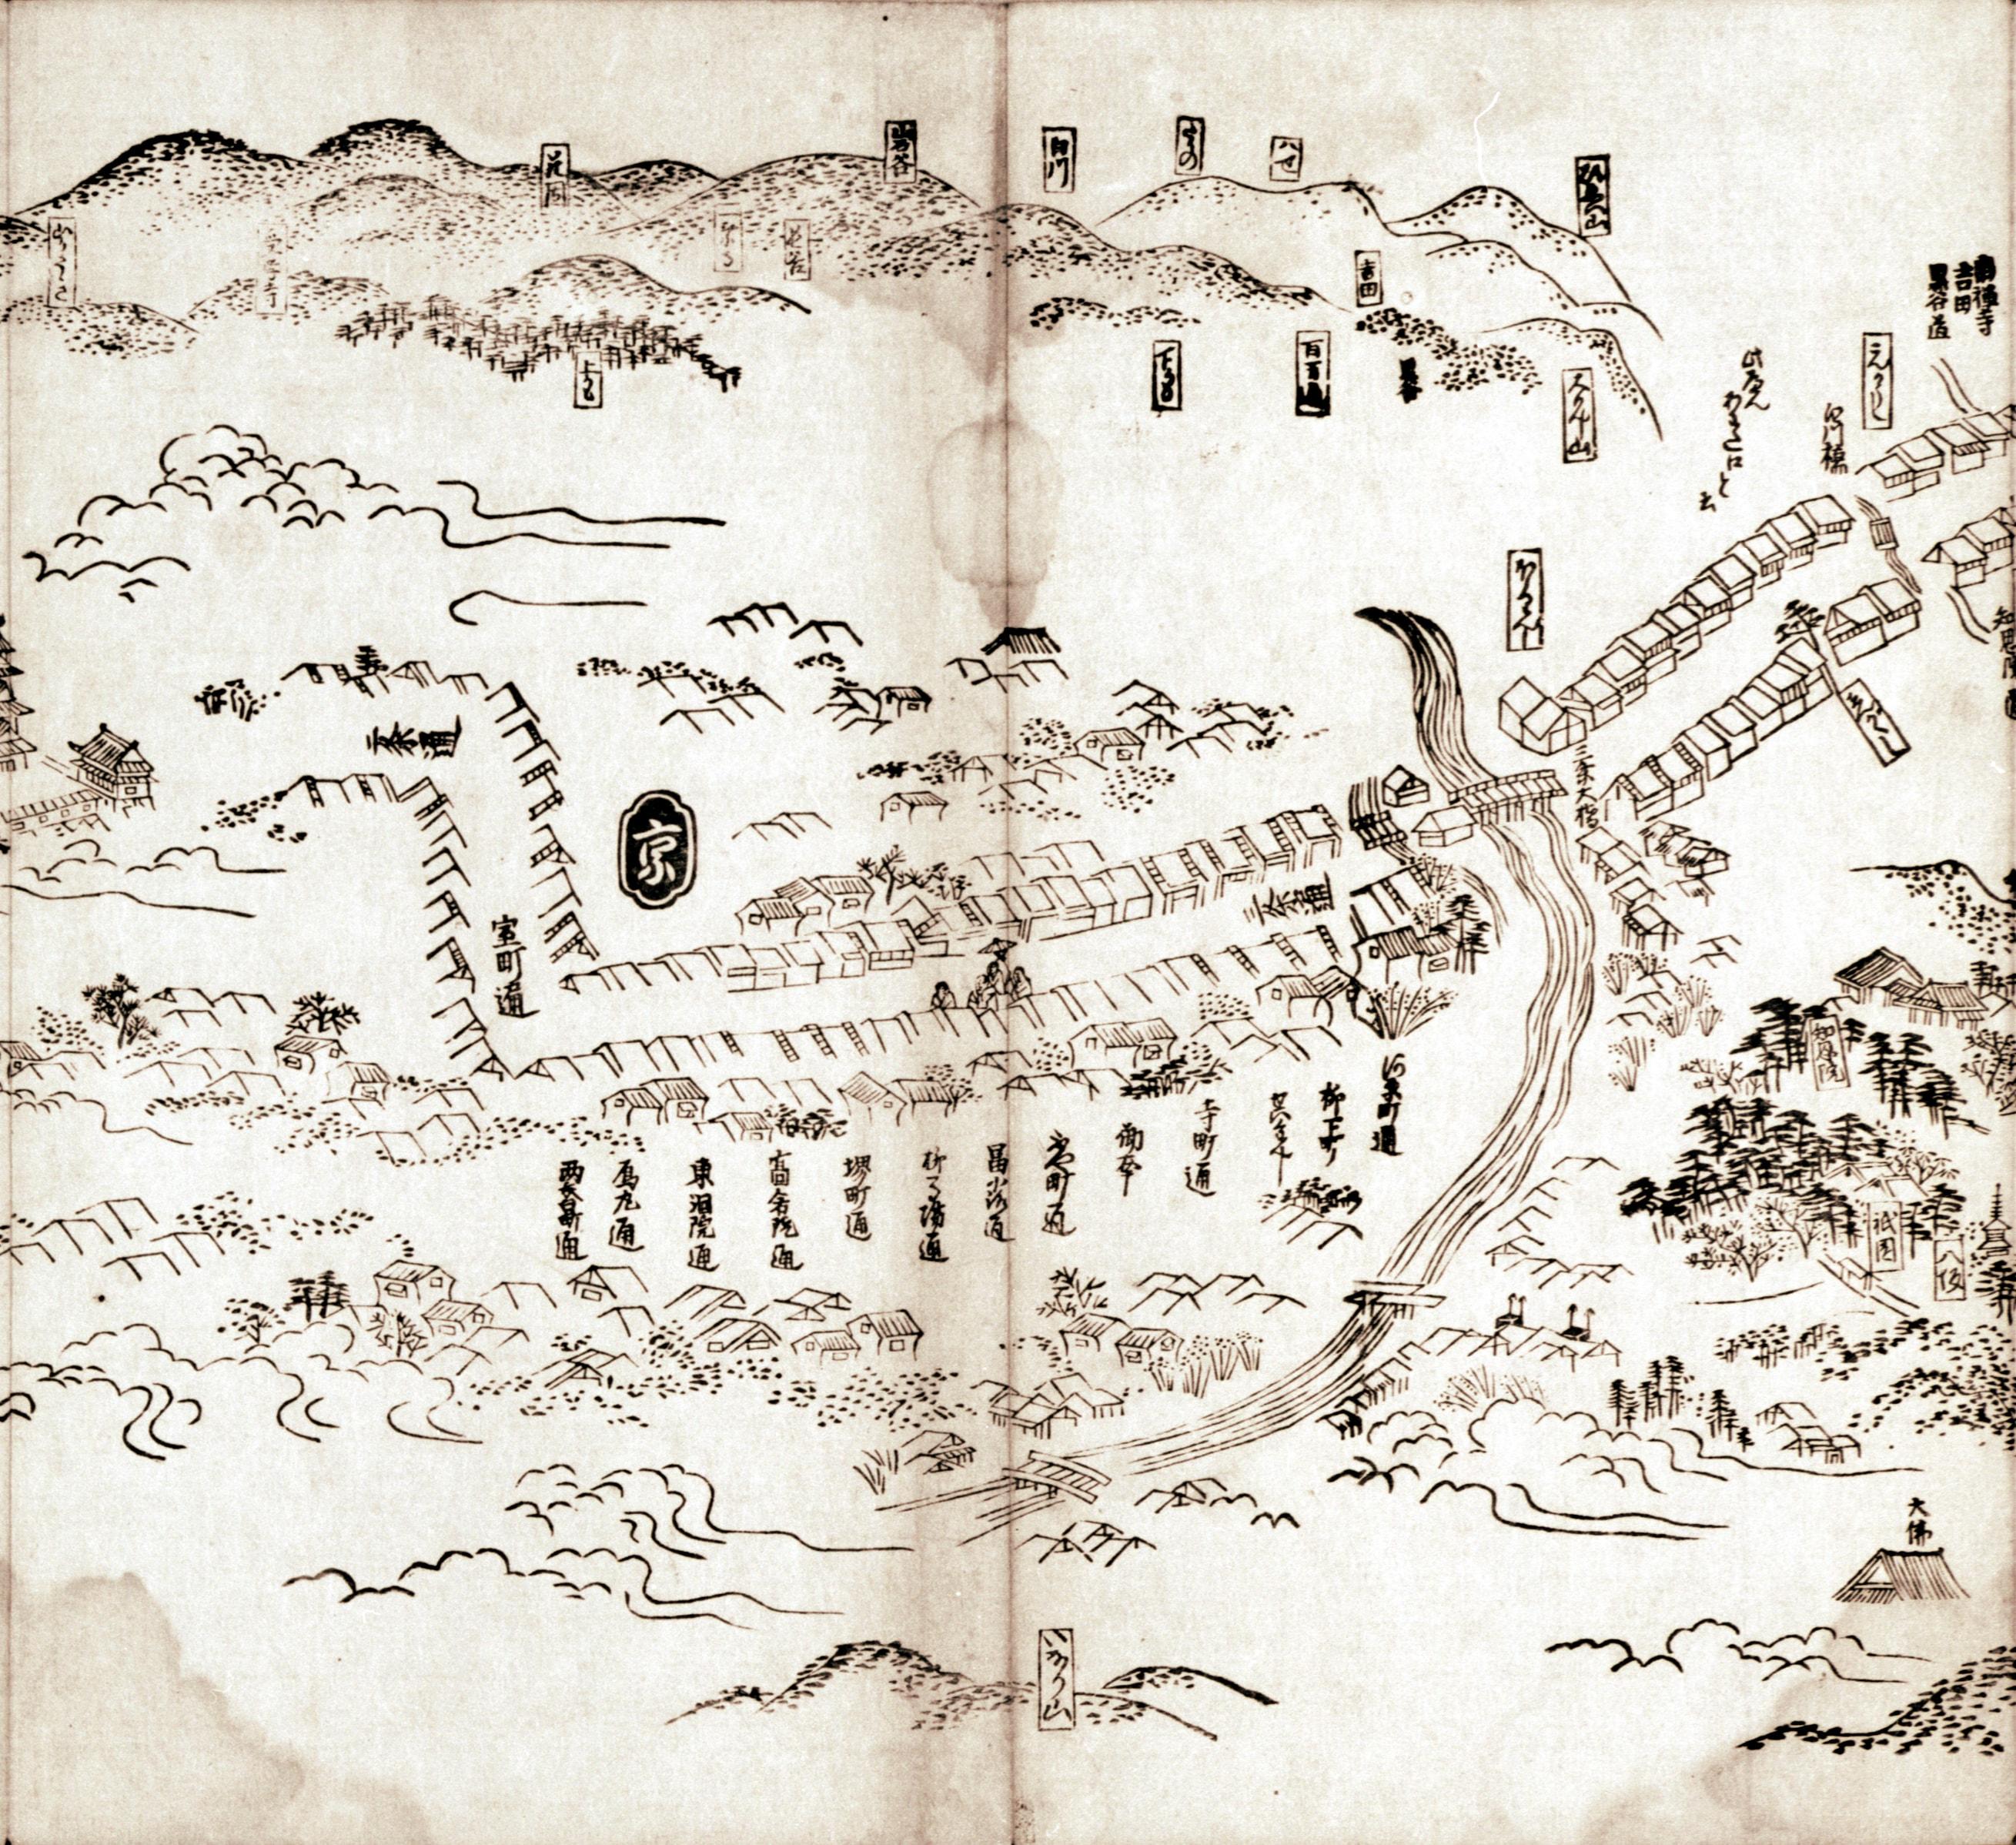 東海道分間之図 八十一